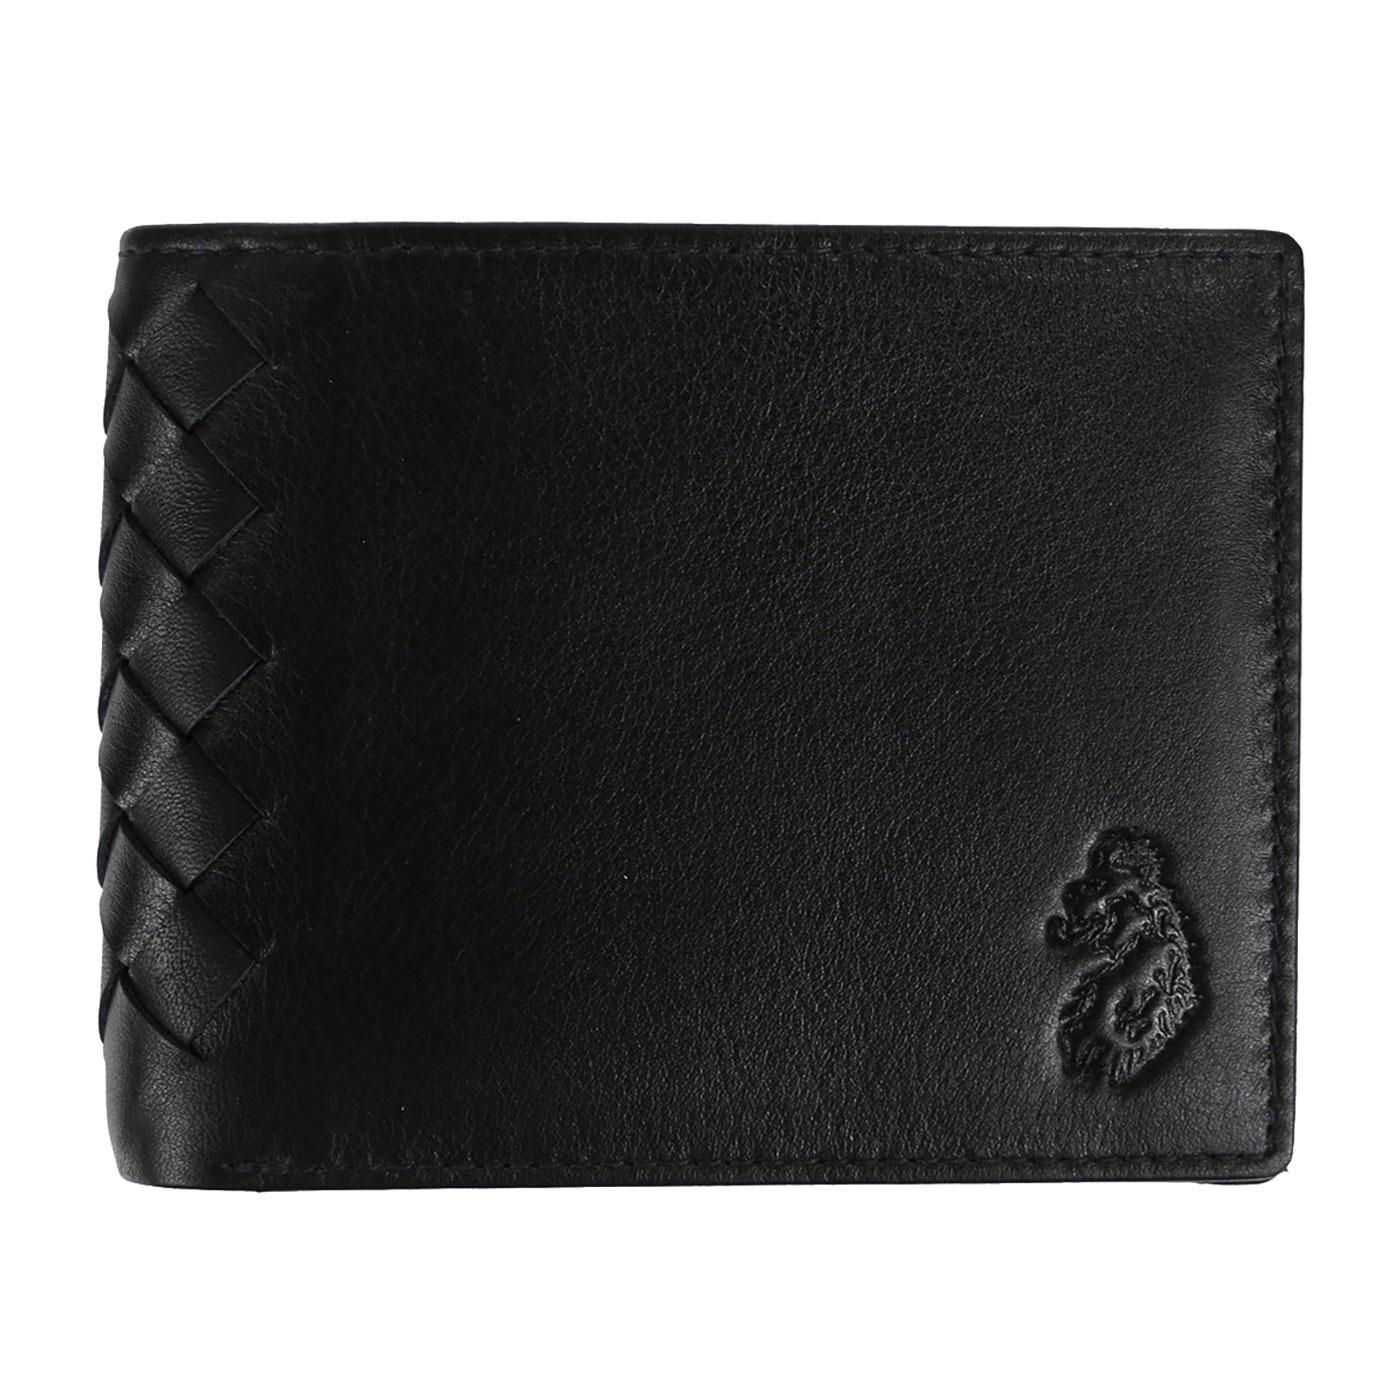 Spur LUKE Basket Weave Leather Bi-Fold Wallet